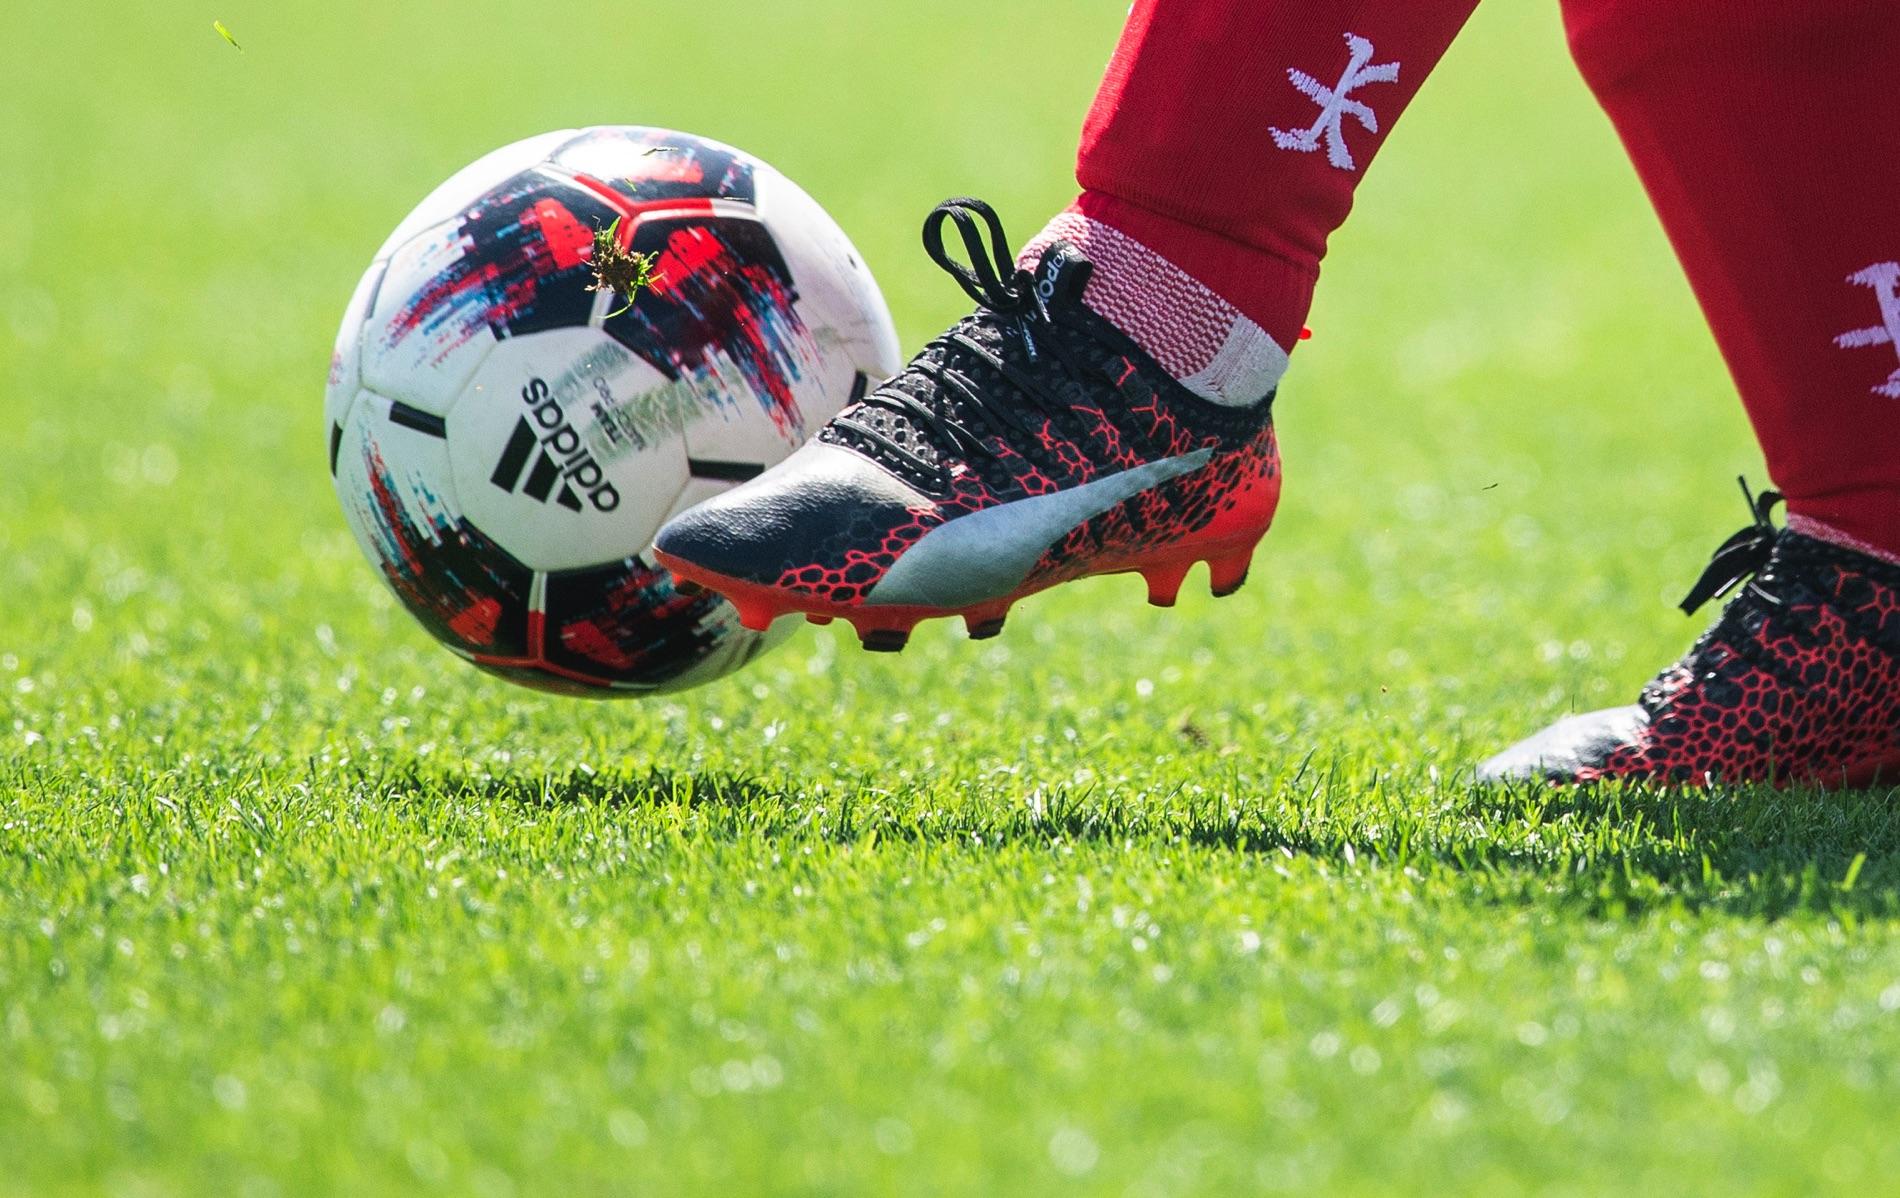 Närbild på en fotboll som en person sparkar på.